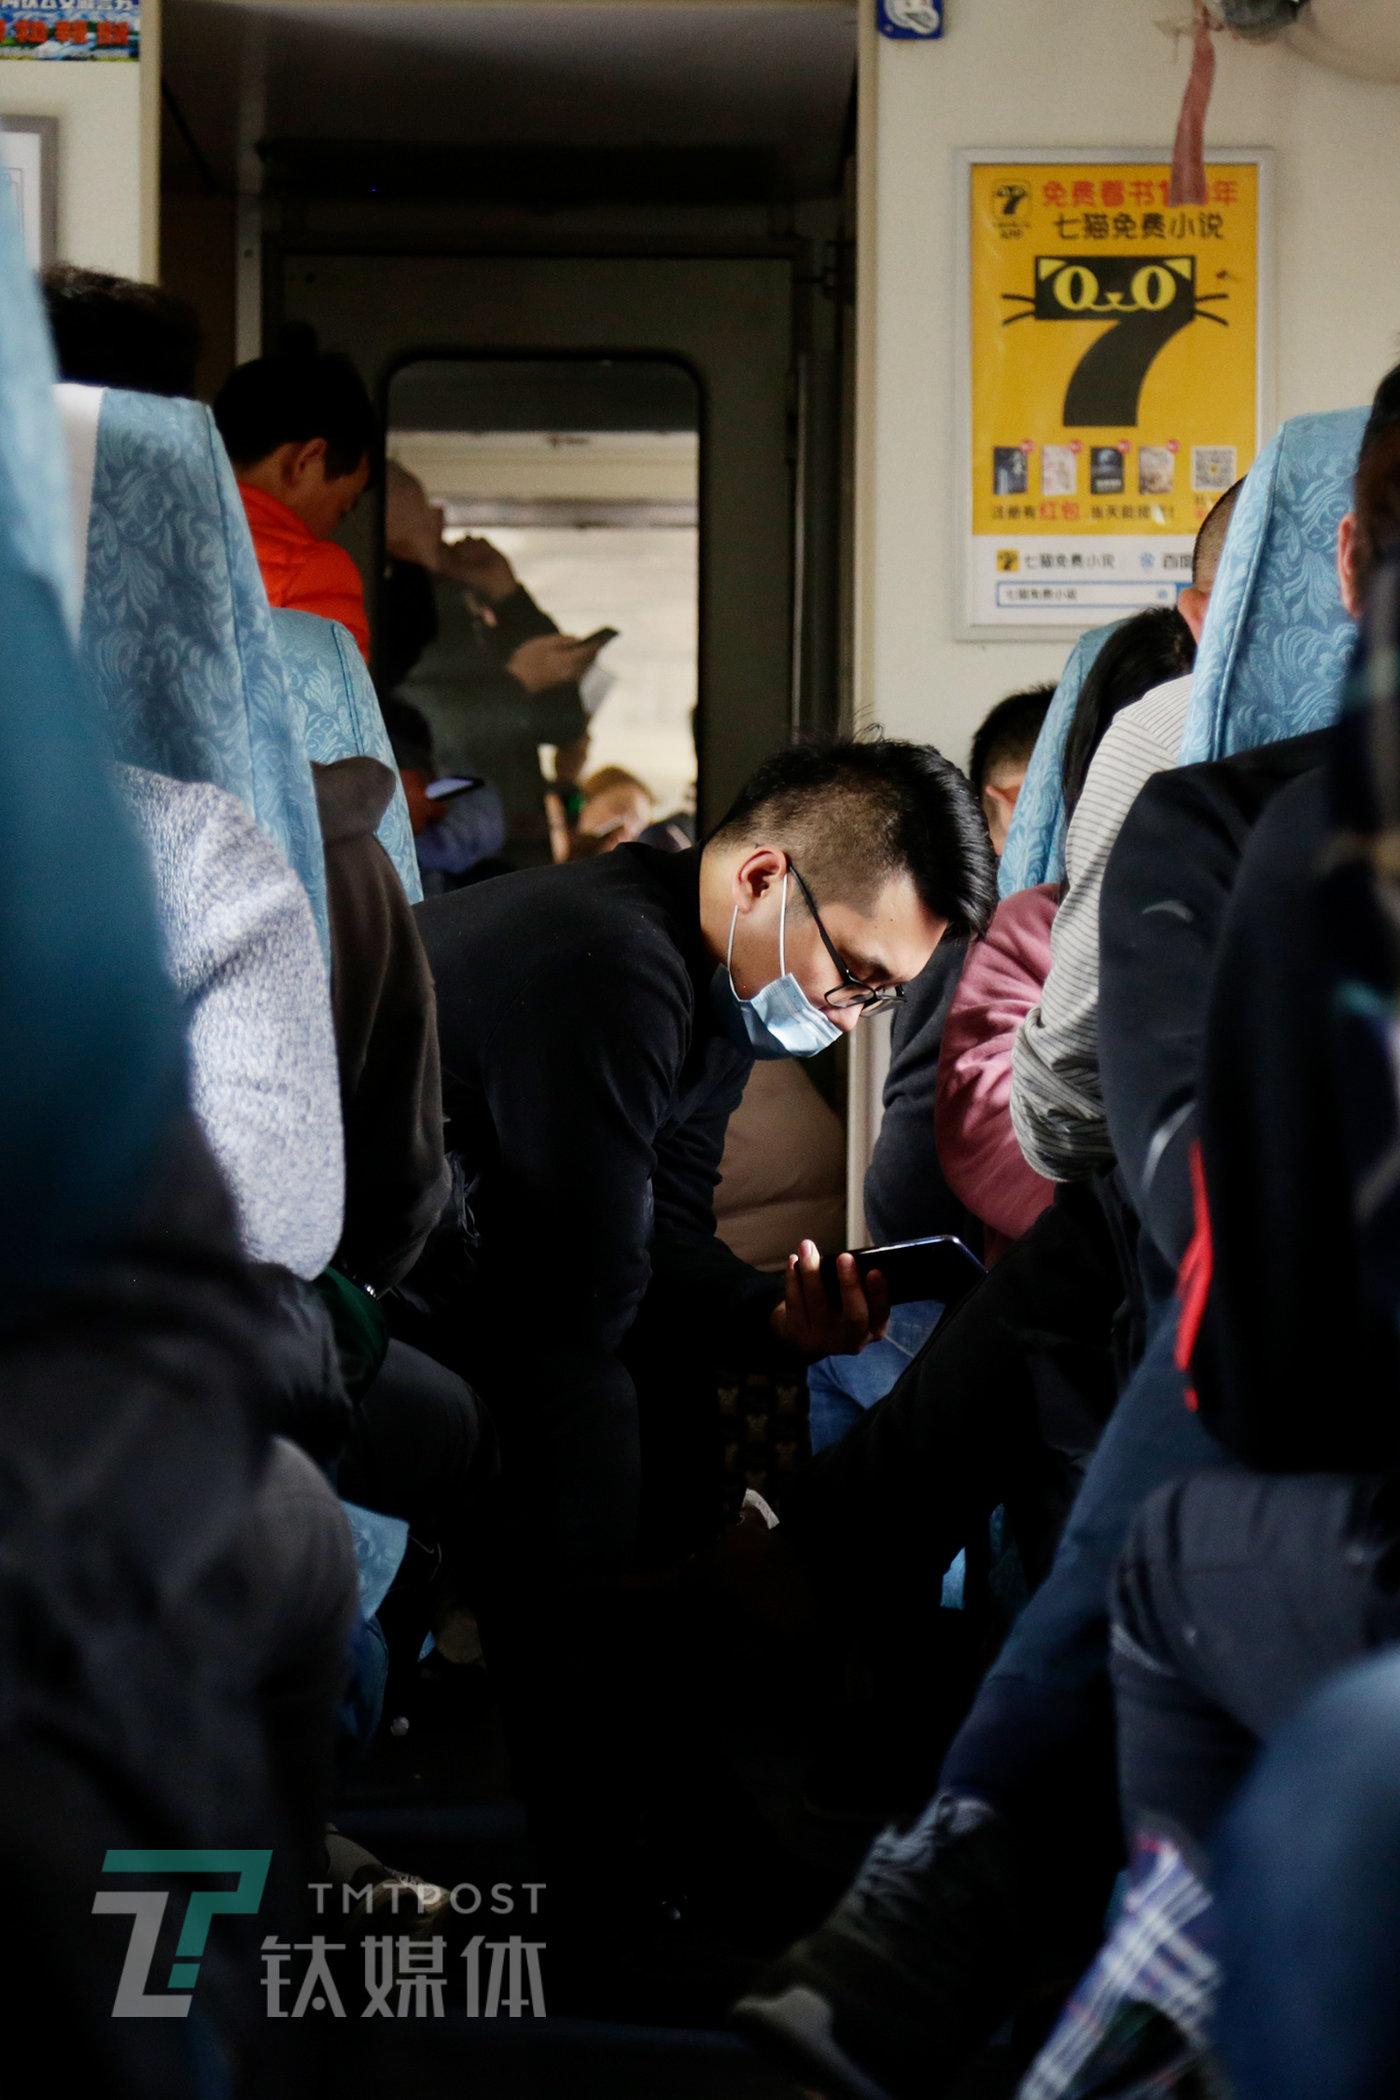 别名乘客在看手机。